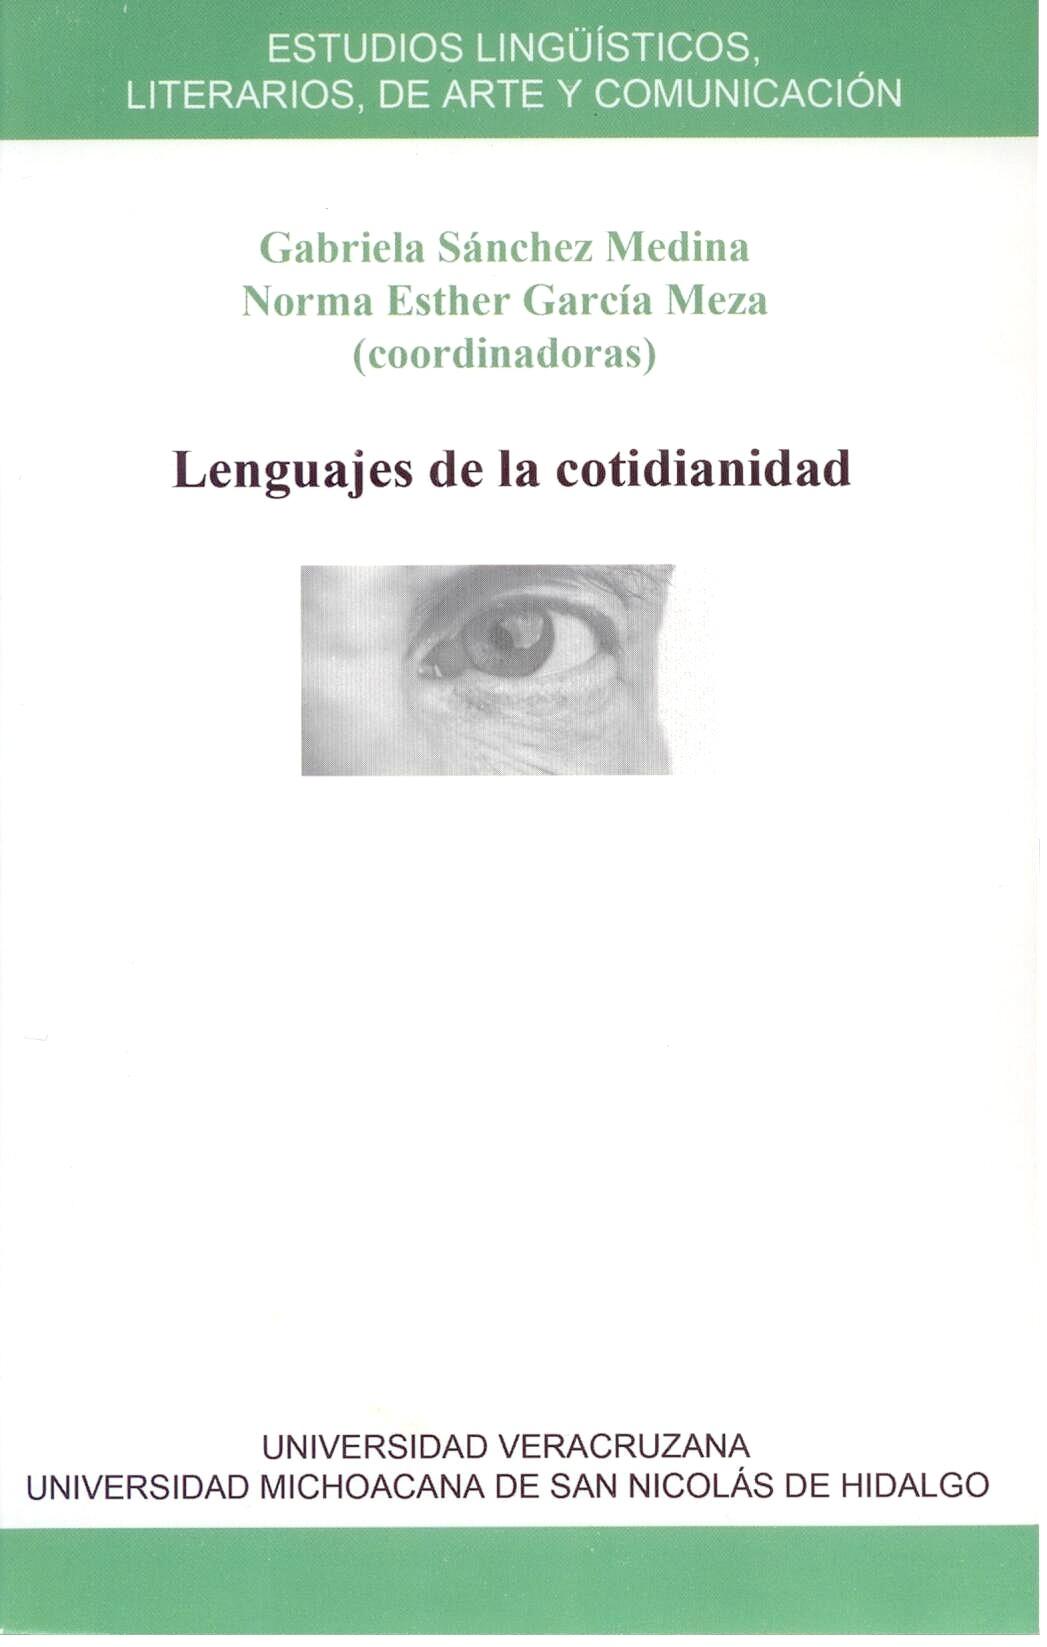 LIBRO LENGUAJES DE LA COTIDIANIDAD